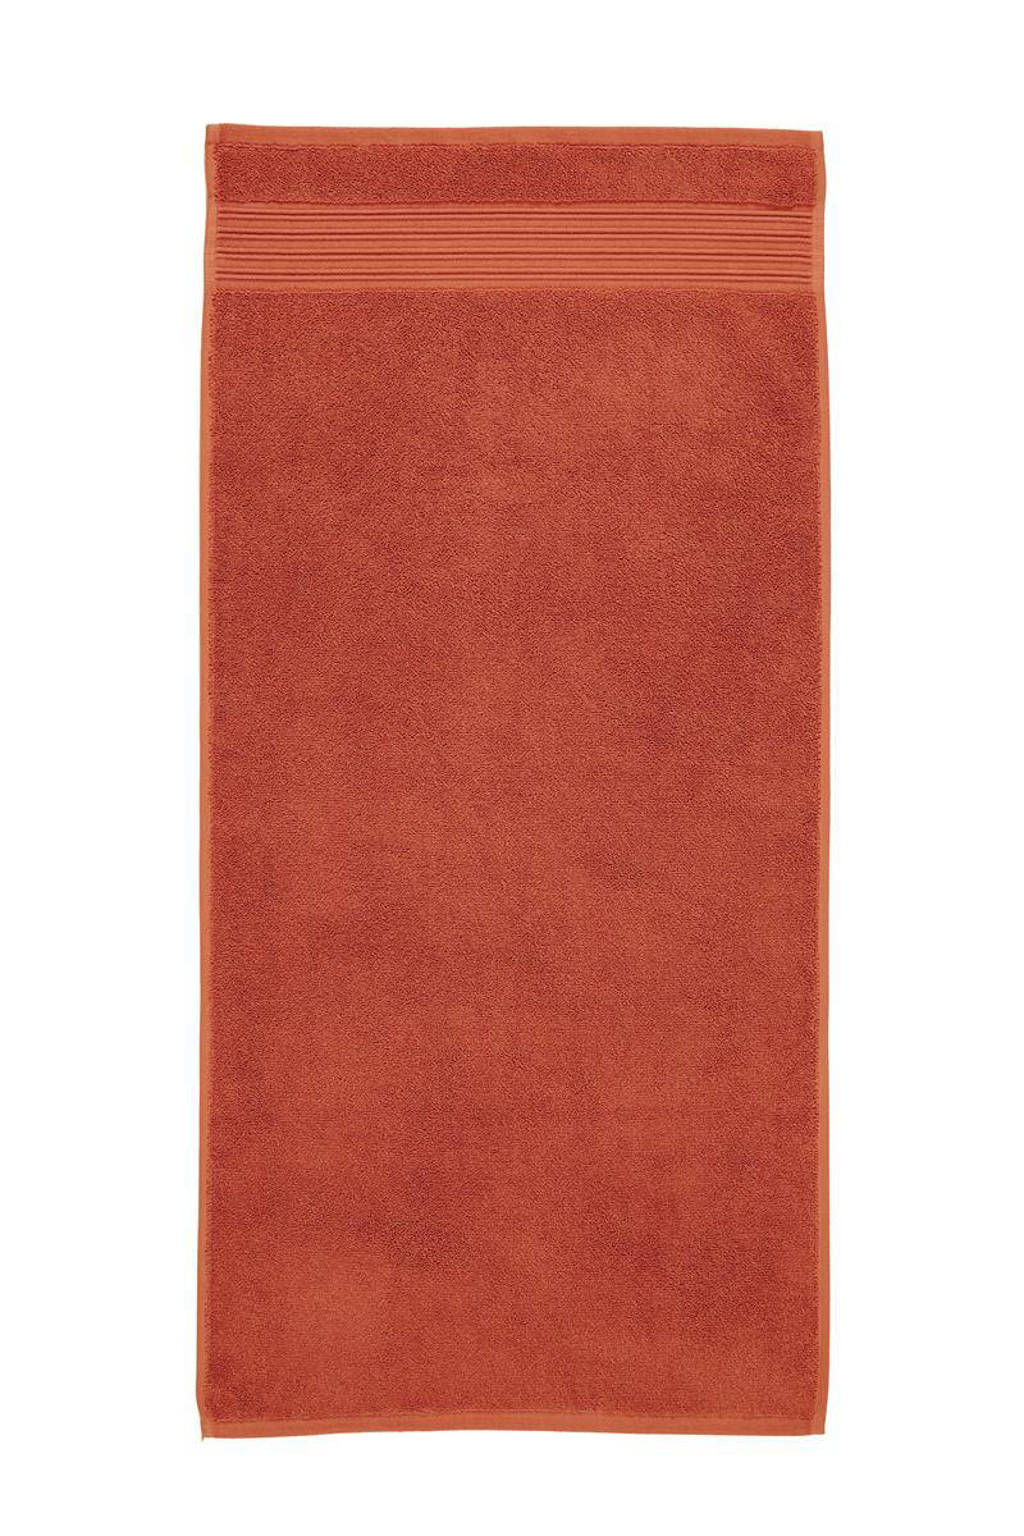 Beddinghouse handdoek (100 x 55 cm) Oranje